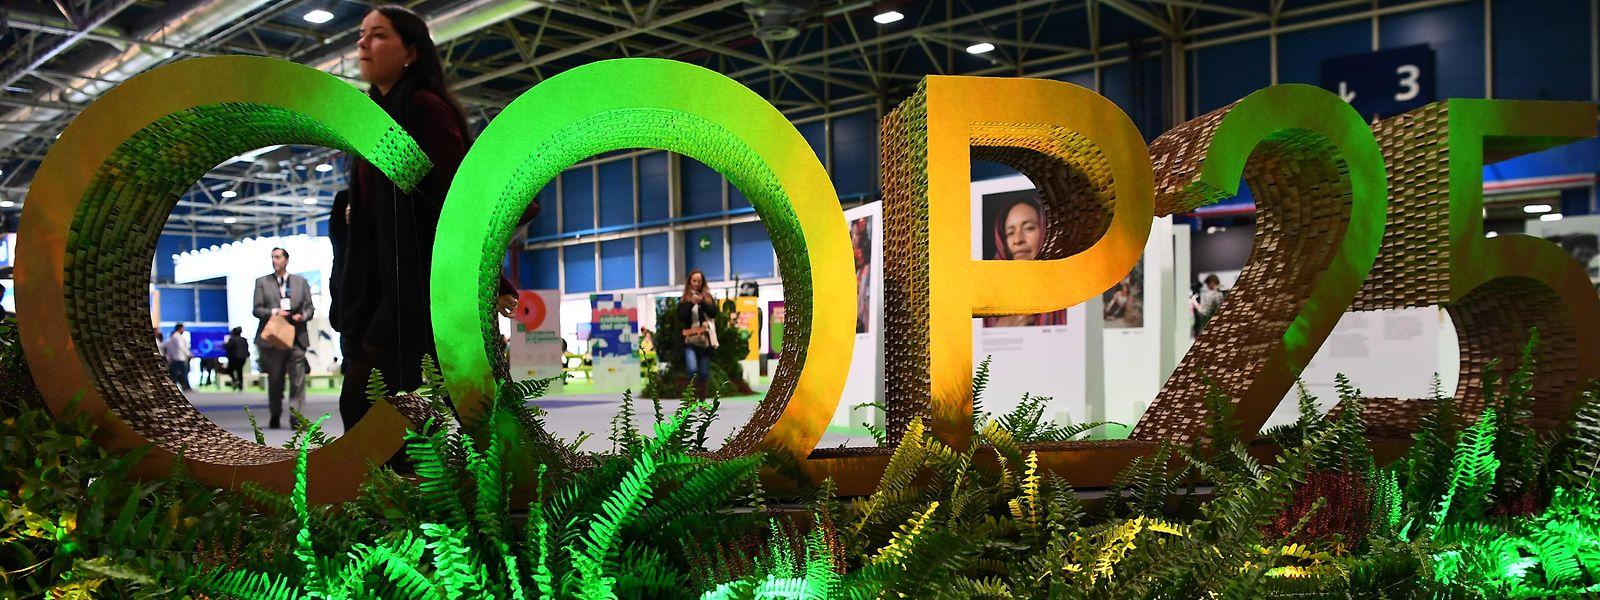 Les exhortations à agir pour sauver l'humanité qui subit les assauts du dérèglement climatique se sont multipliées lundi à Madrid à l'ouverture de la COP25